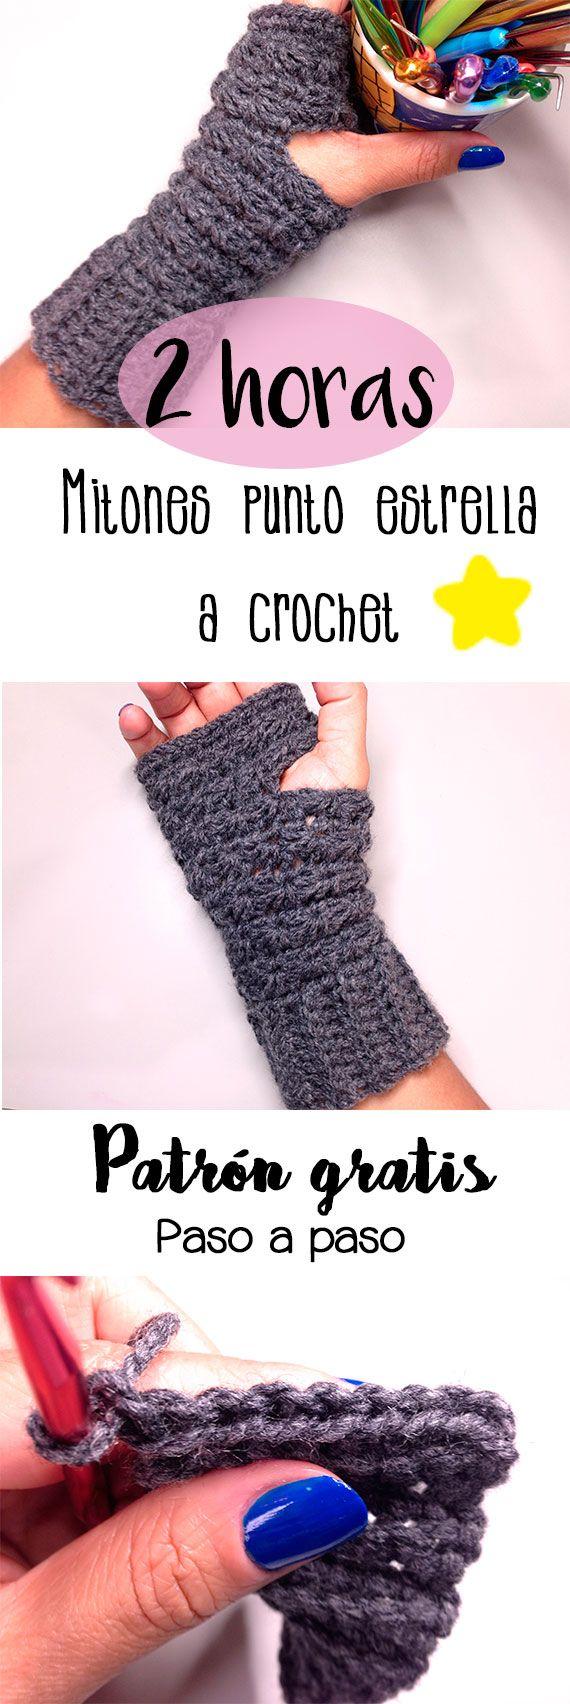 Tutorial paso a paso para tejer en tan sólo 2 horas estos hermosos y abrigadores mitones en punto estrella a crochet.